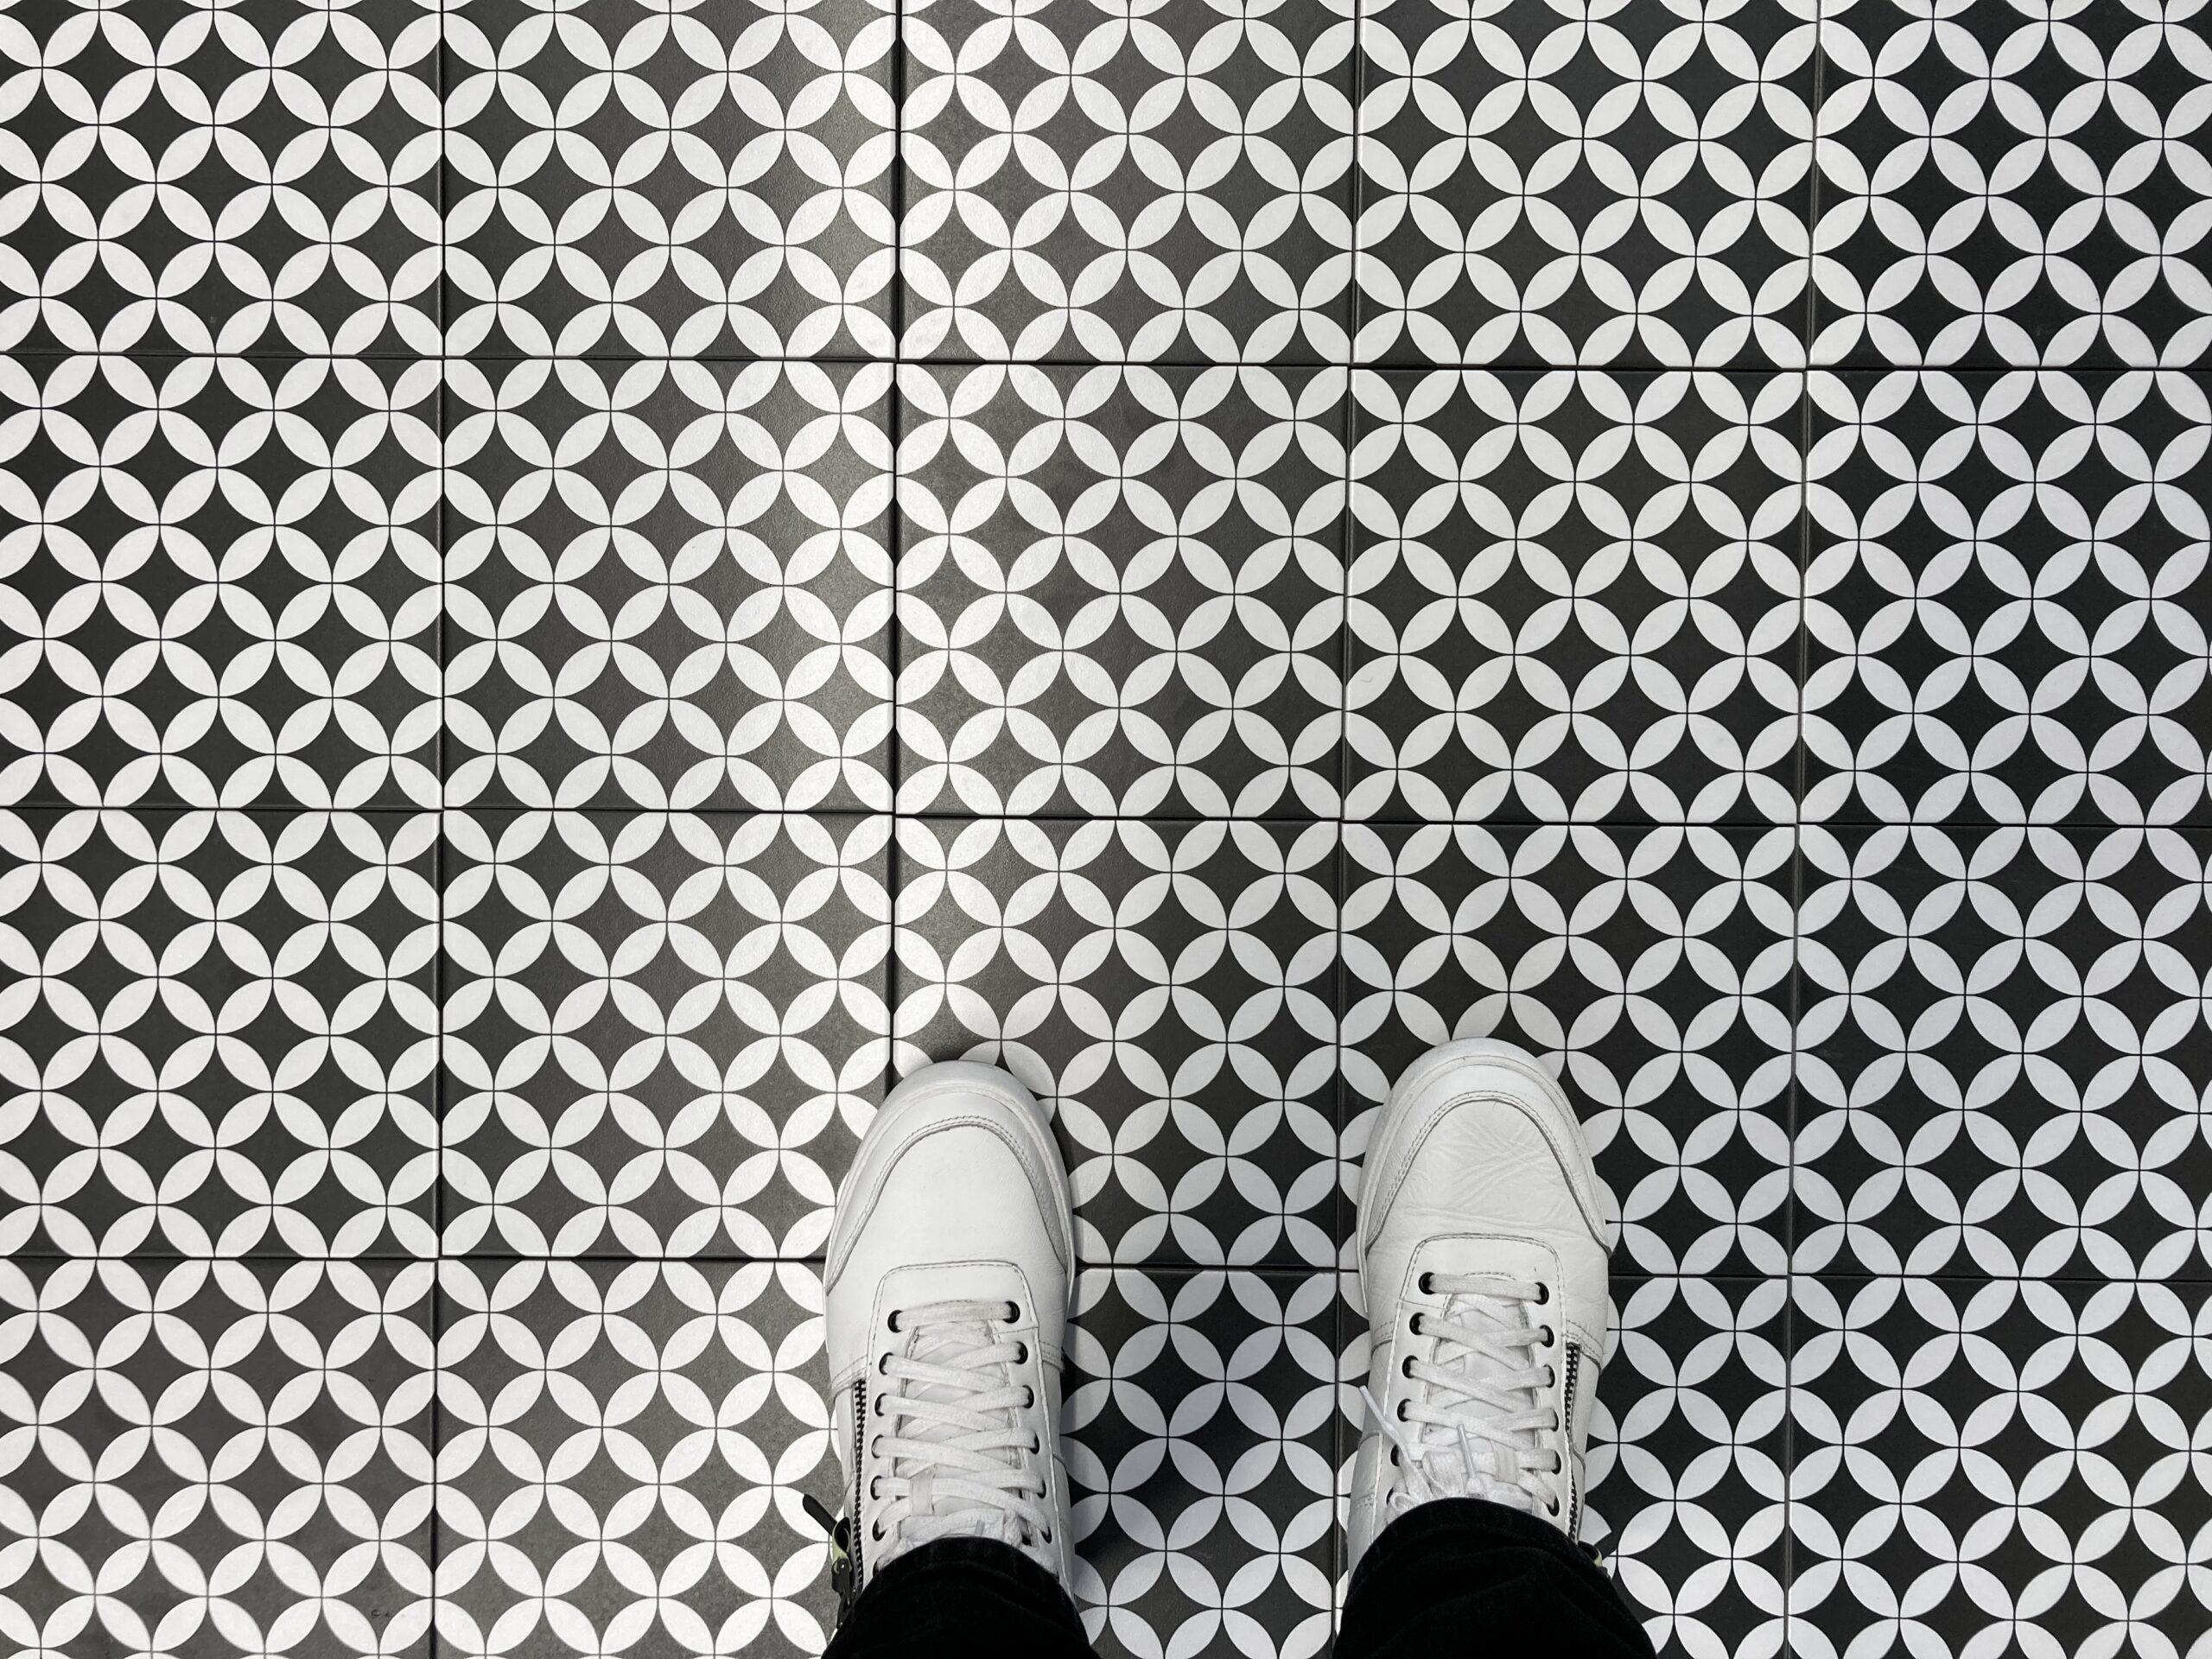 płytki patchwork czarno białe koła